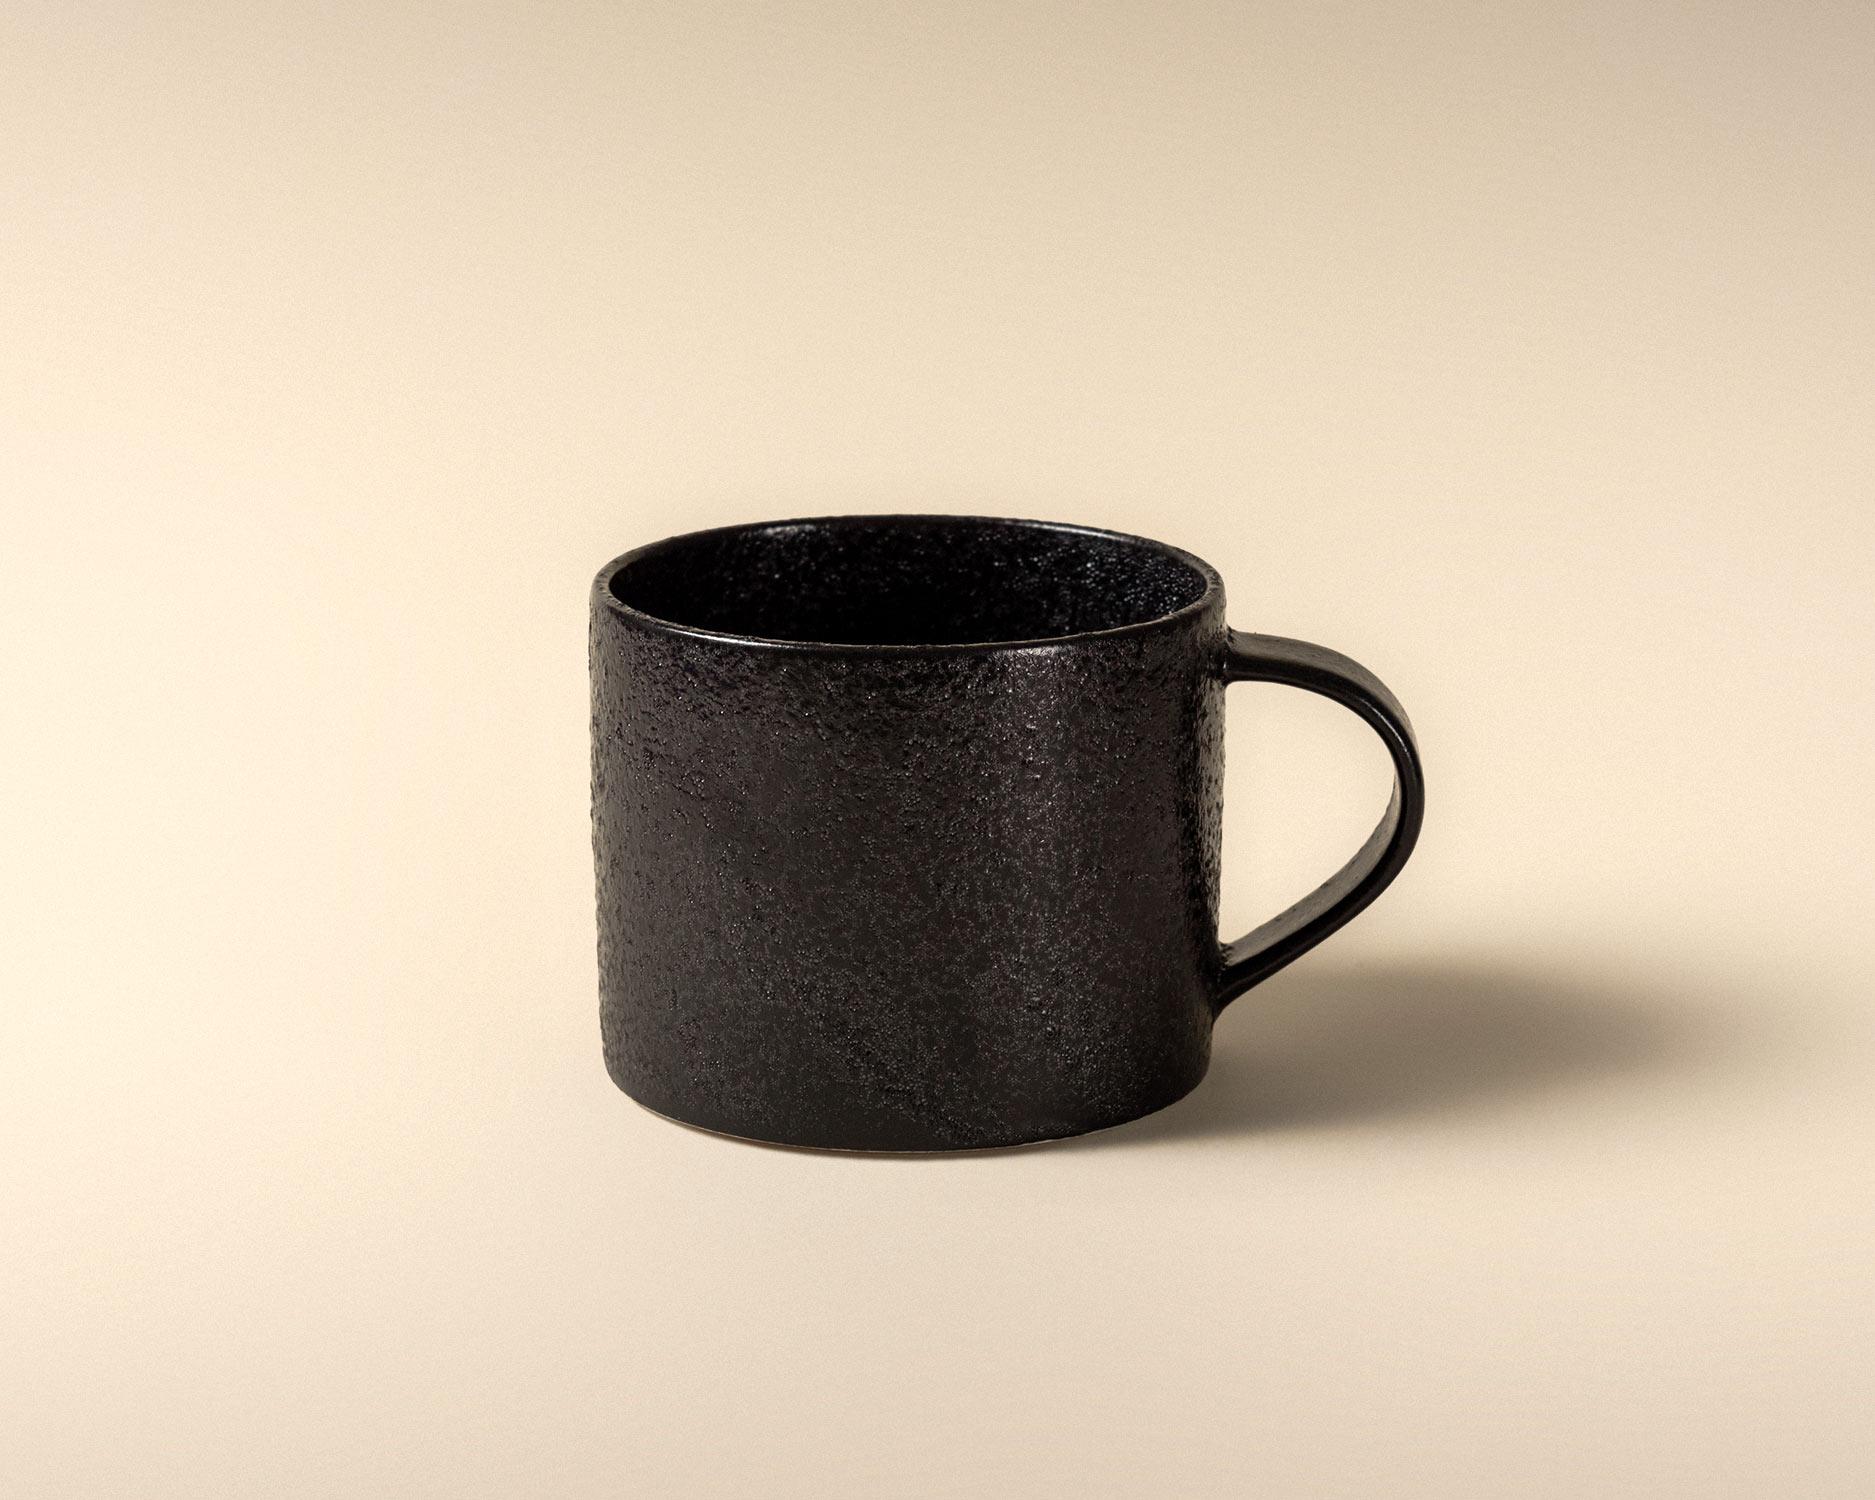 svart-yuzu-tea-cup-1-pp.jpg